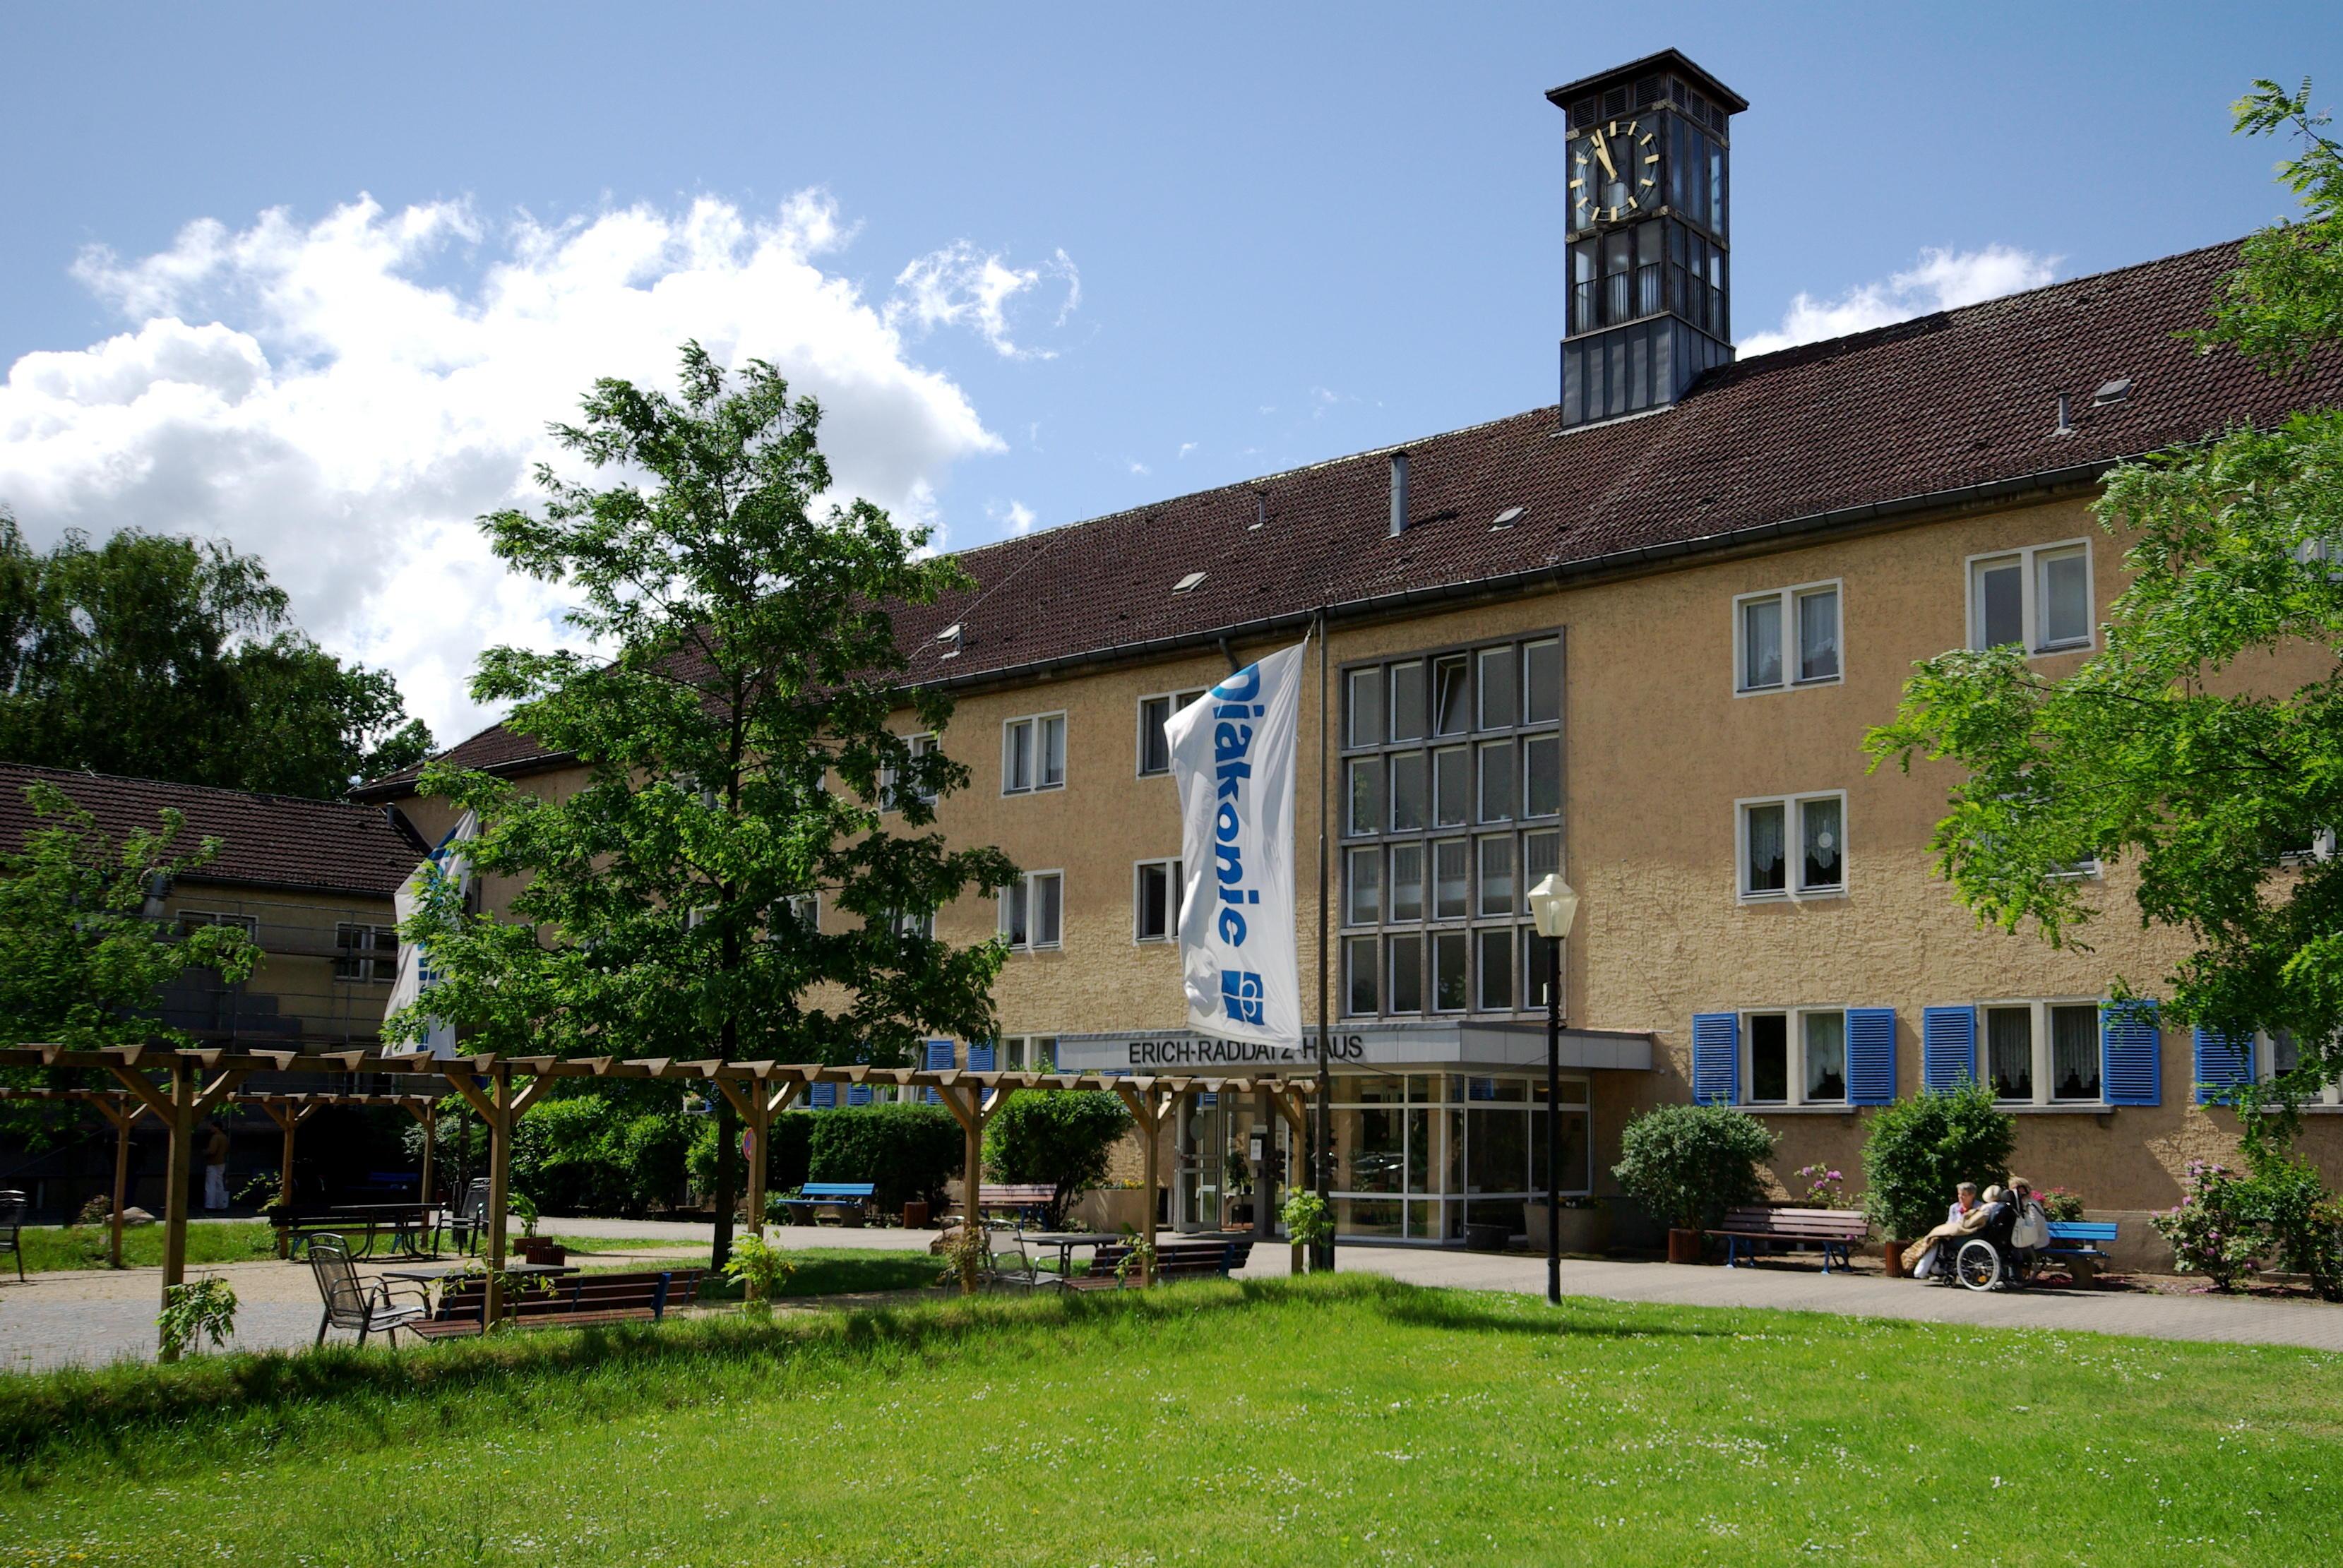 Erich-Raddatz-Haus